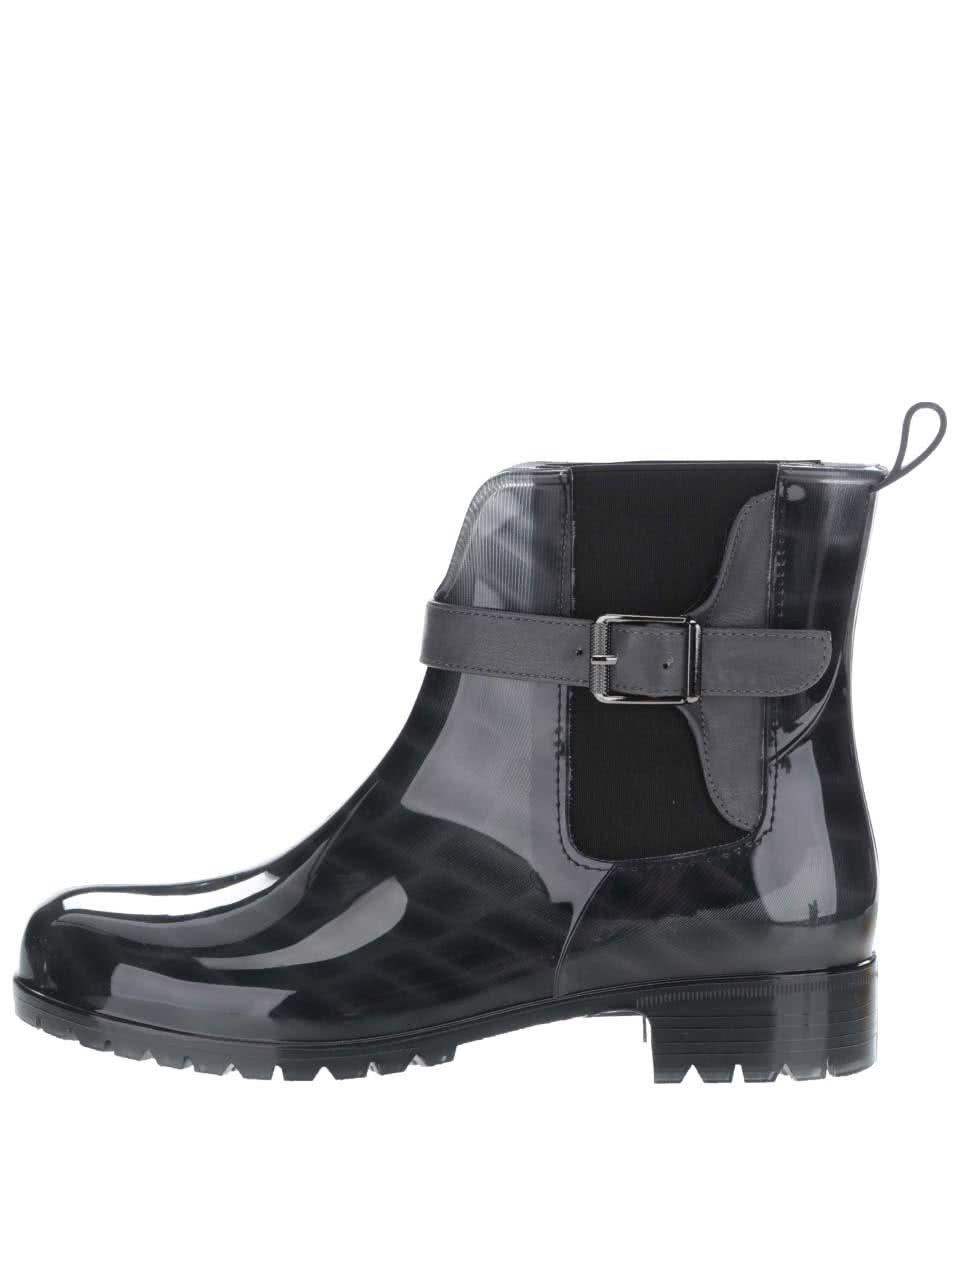 Černé vzorované gumové chelsea boty s šedým páskem Tamaris